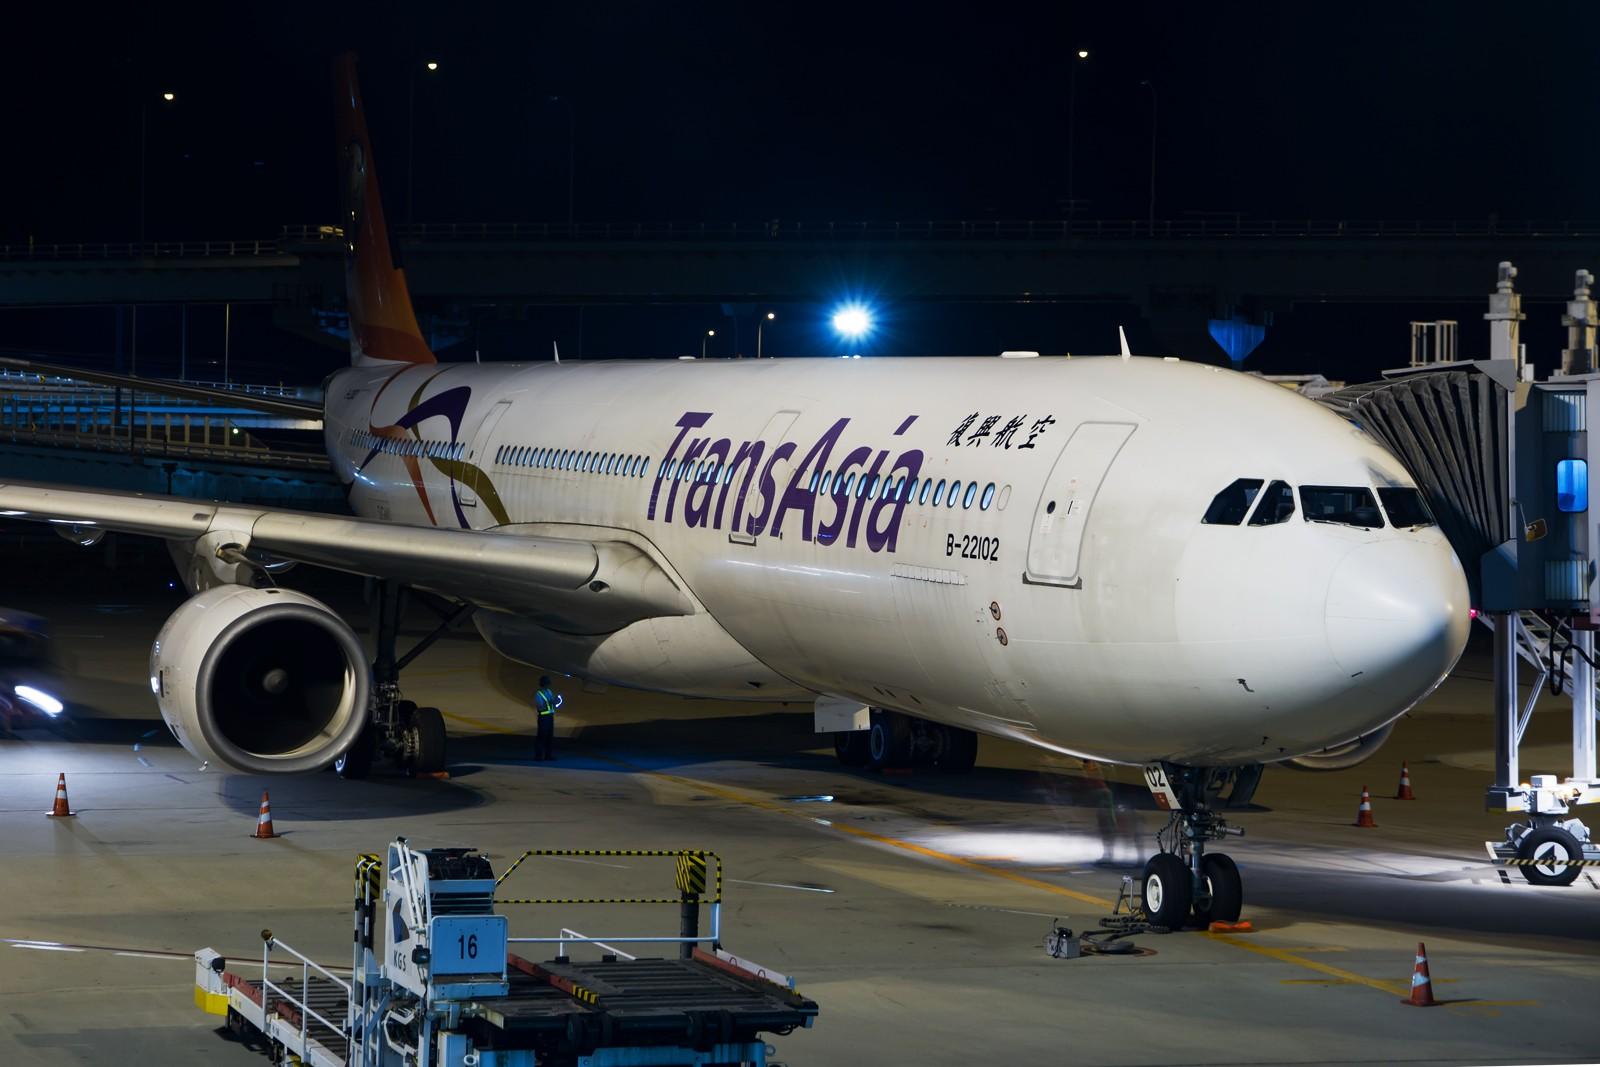 Re:[原创]【NKG/LHR/LCY/FFD/FAB/MAN/FRA/KIX】暑期临近尾声,大不列颠/霓虹流窜记回顾总结 AIRBUS A330-300 B-22102 日本关西机场